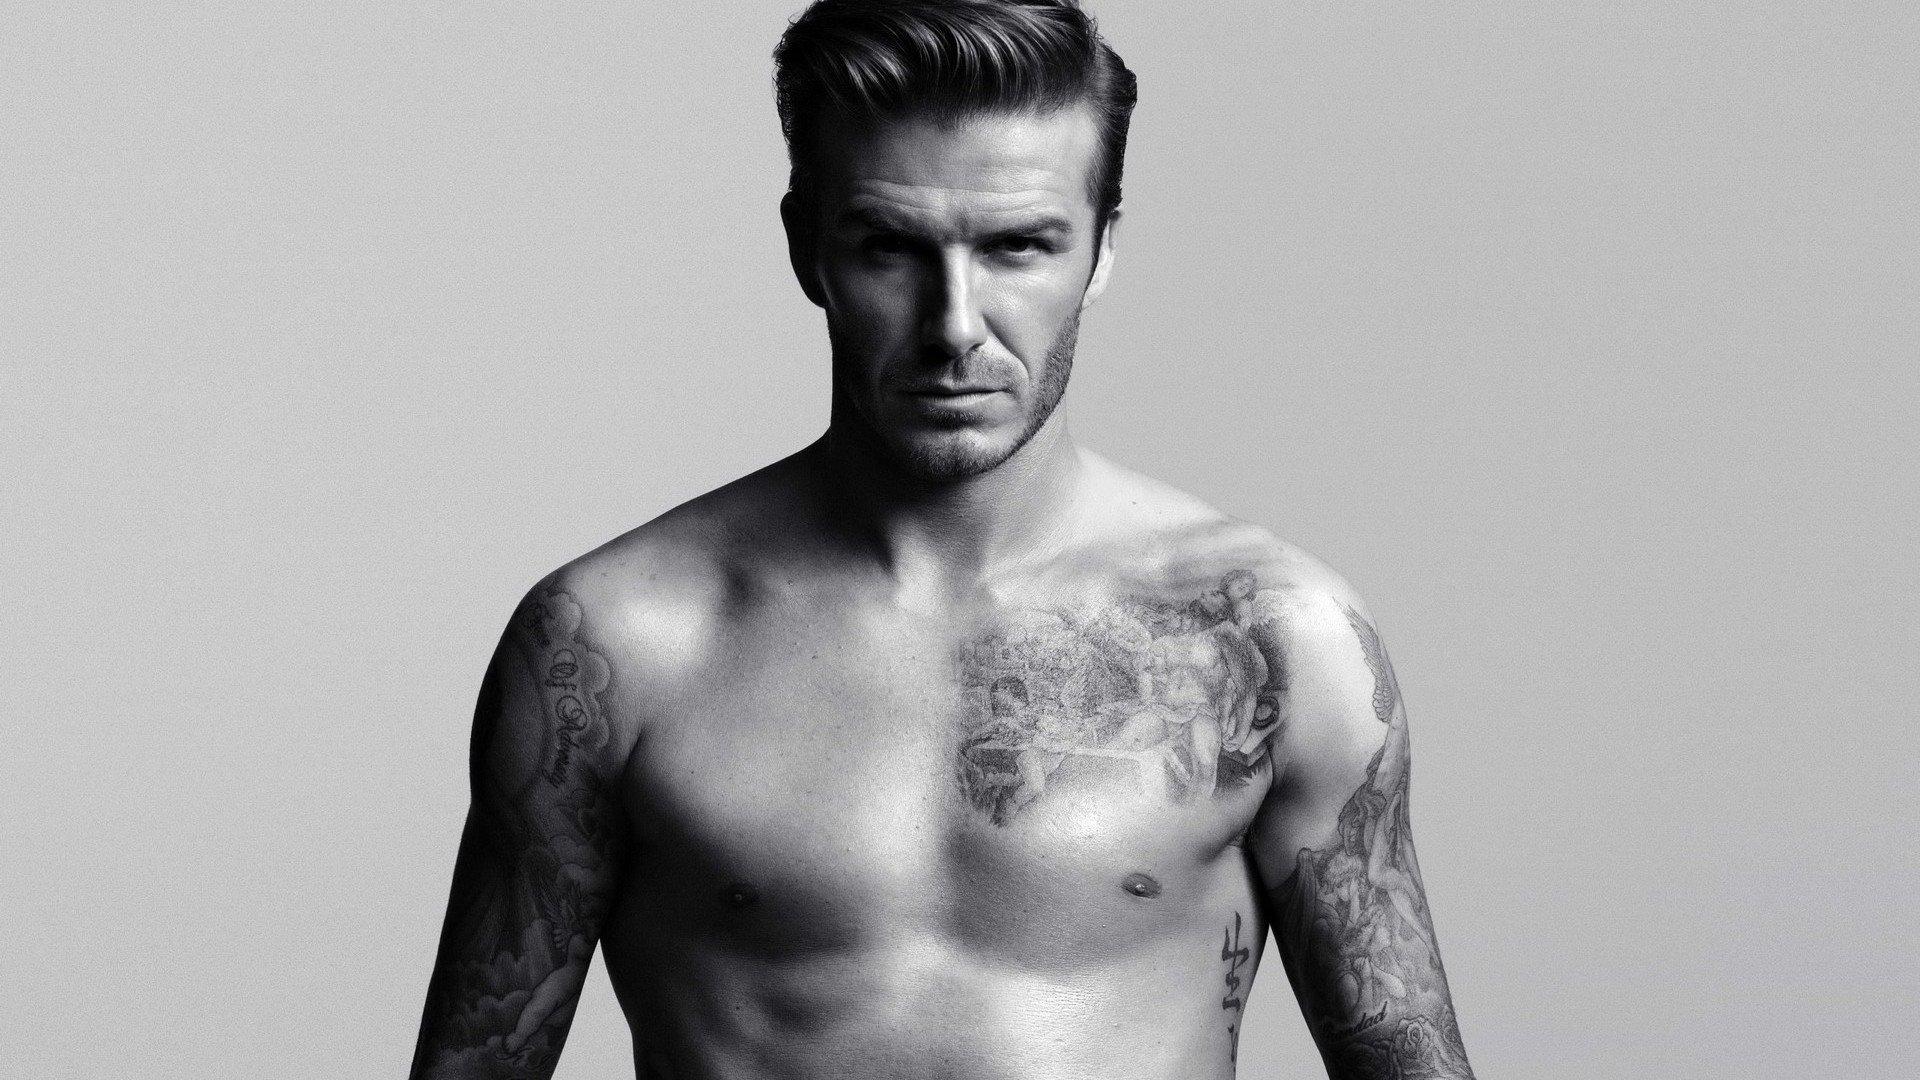 David Beckham Hd Wallpapers 7wallpapers Net